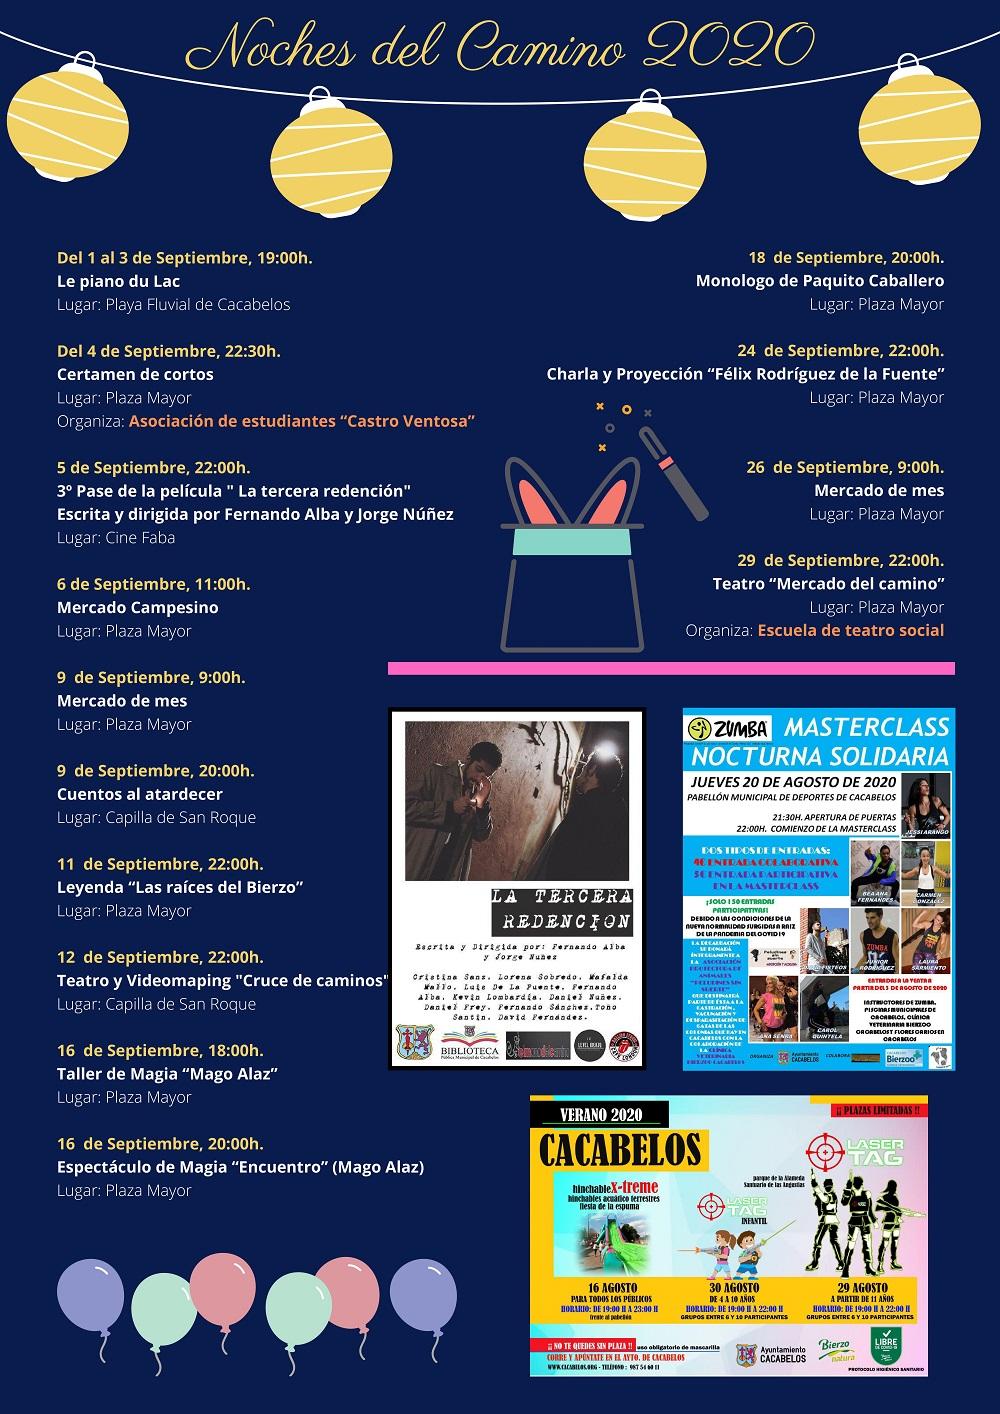 Cacabelos celebra las noches del Camino 2020 que incluyen cine, charlas o exposiciones a lo largo de agosto y septiembre 4